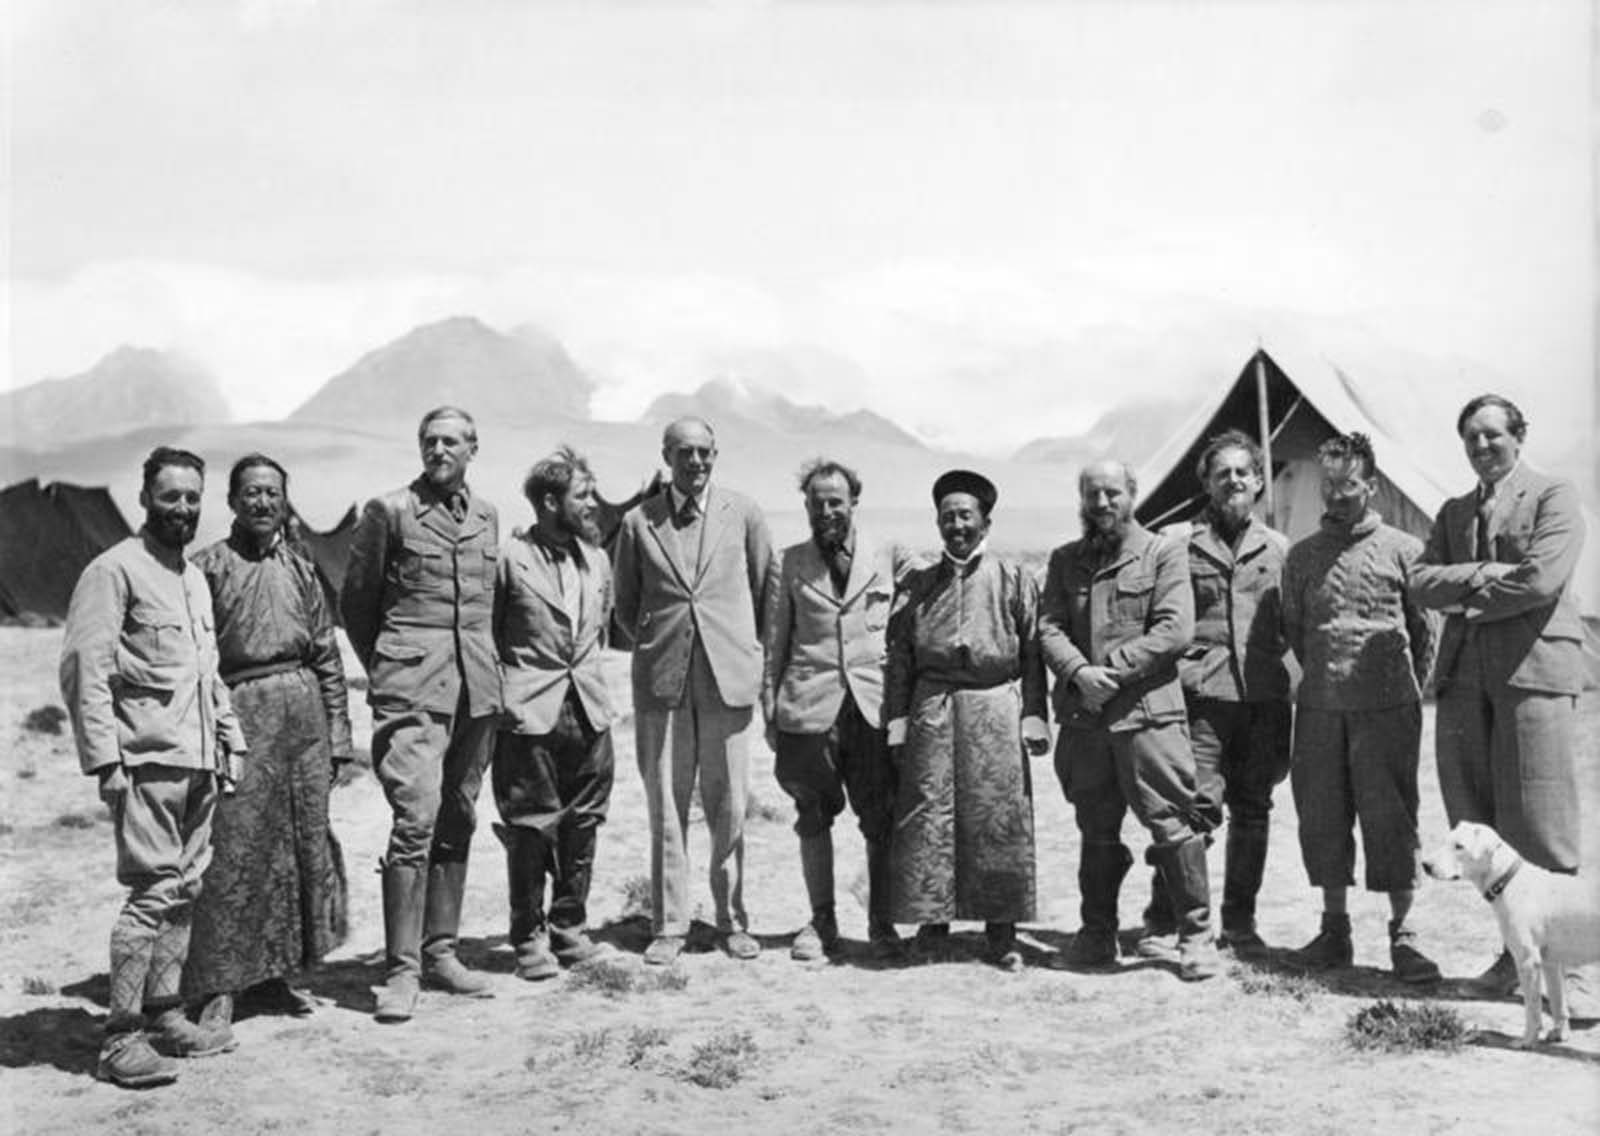 Výsledek obrázku pro olser tibet himmler